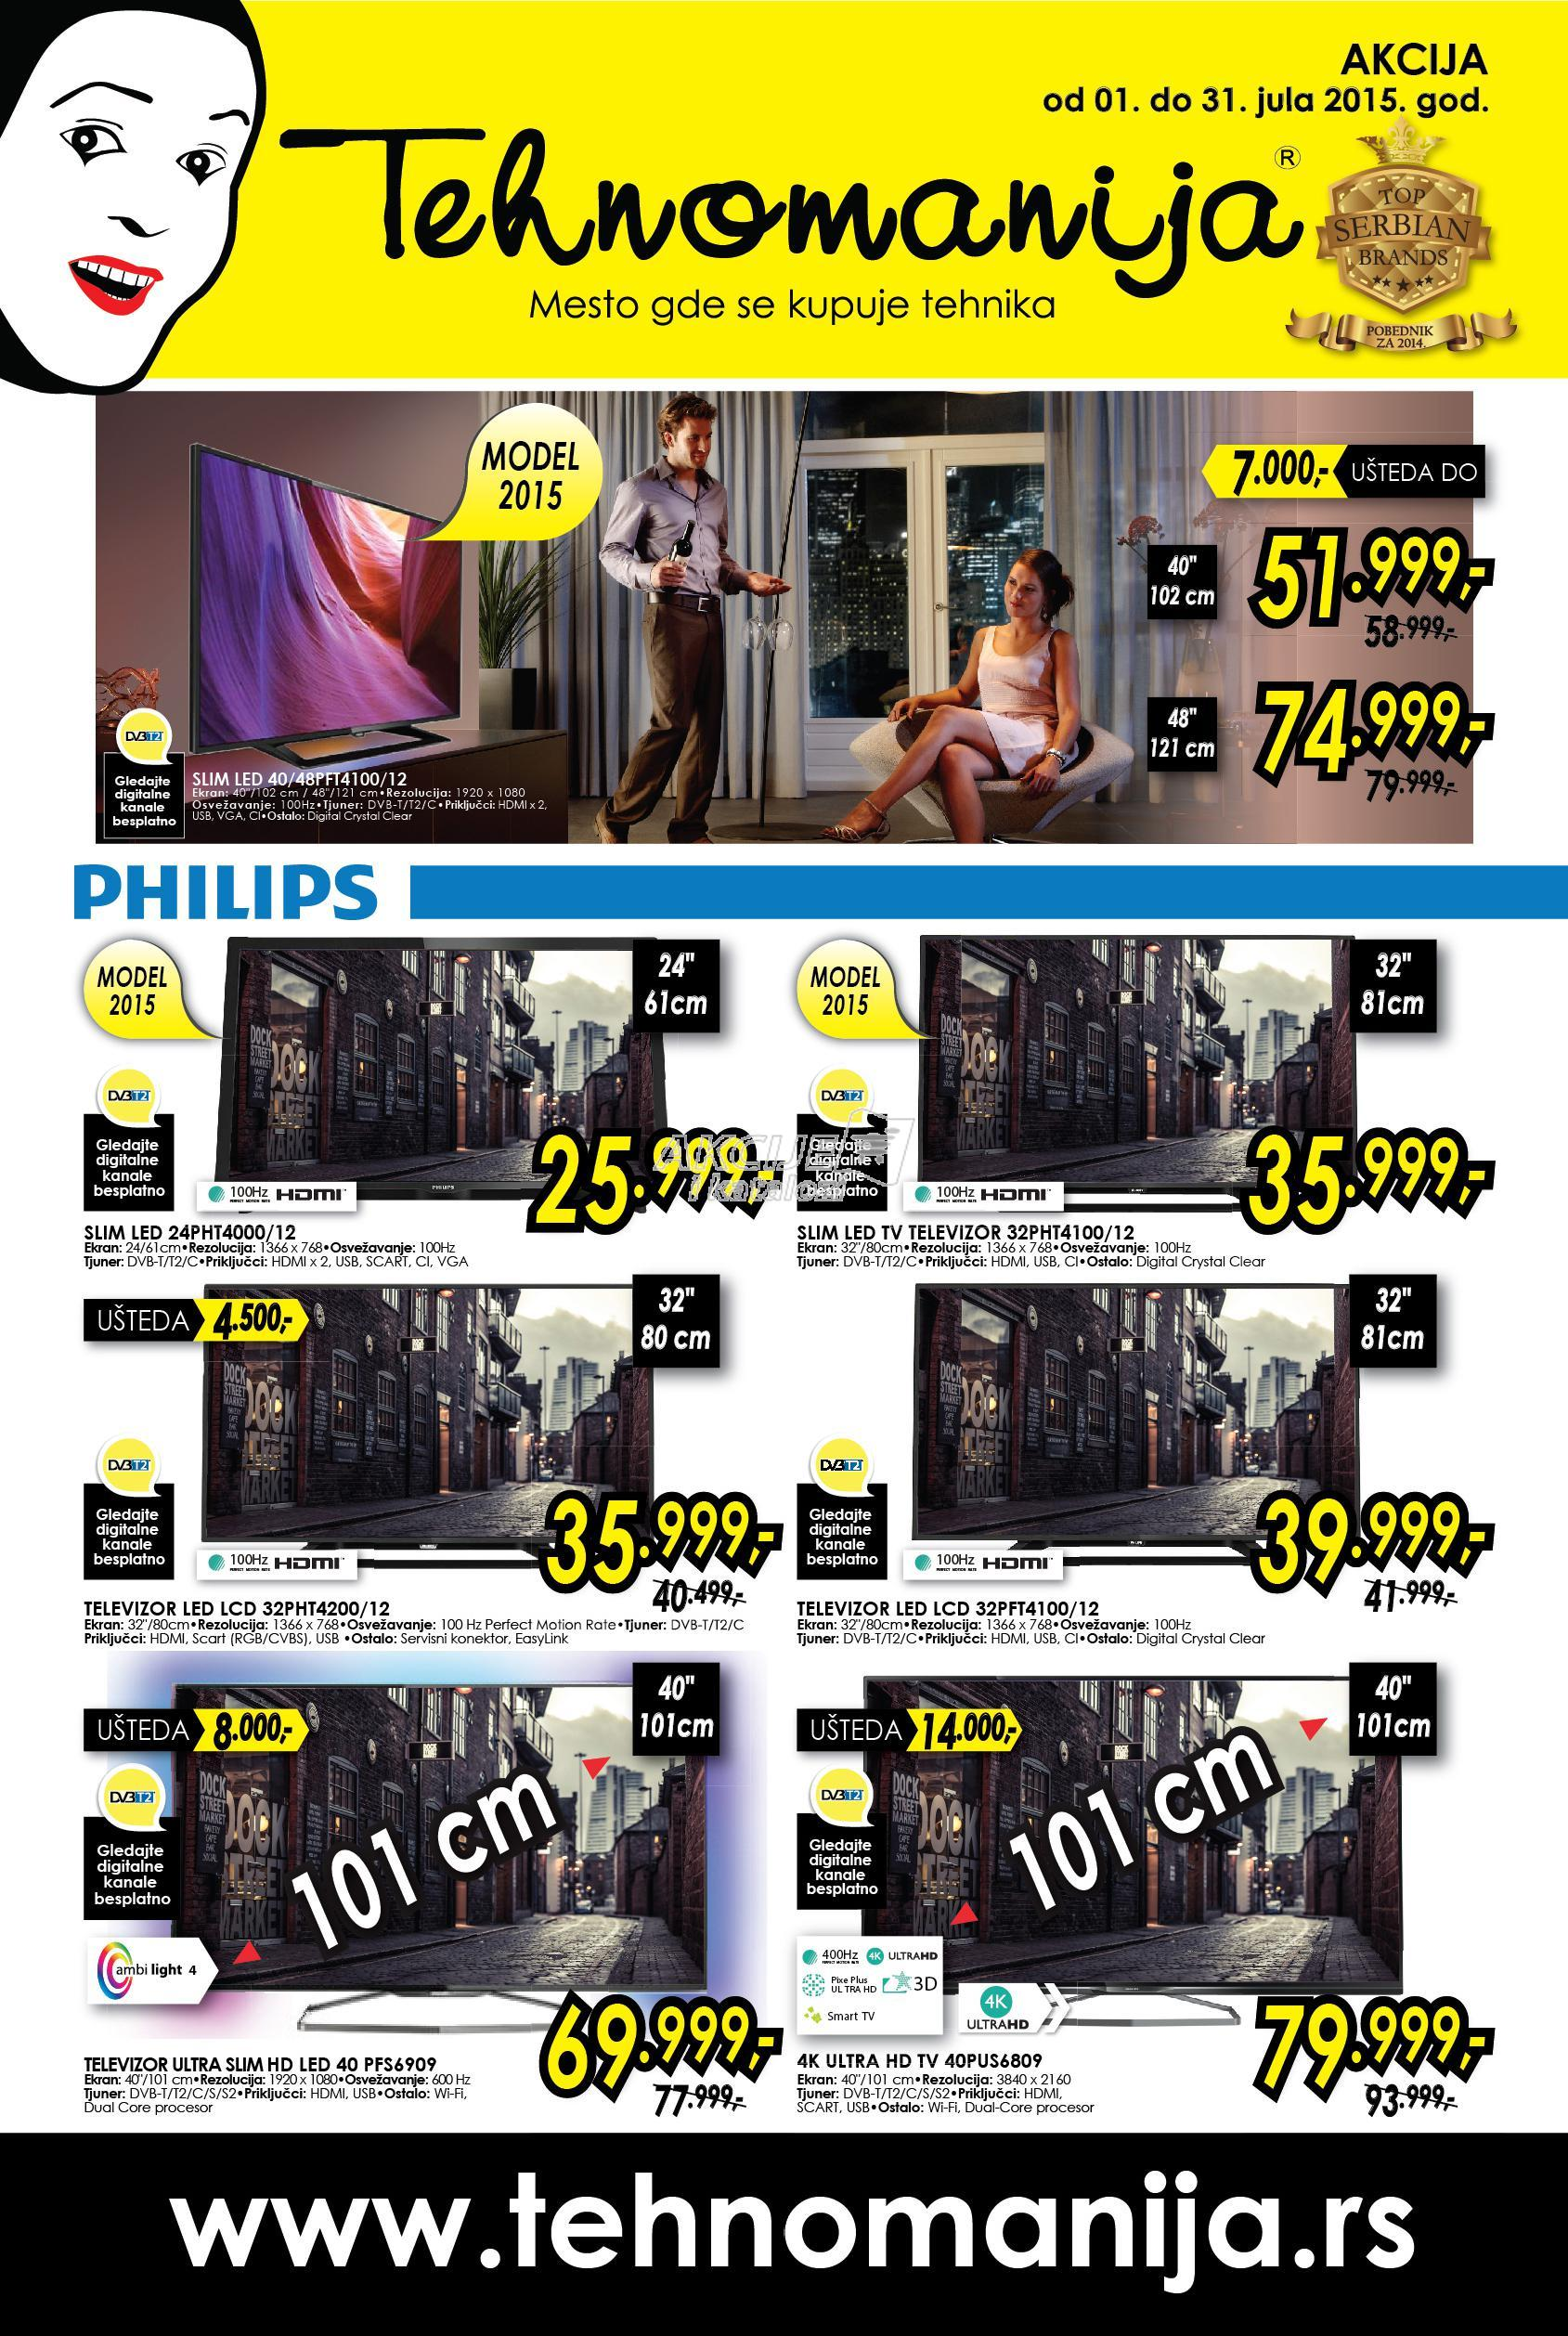 Tehnomanija akcija super cene TV uređaja